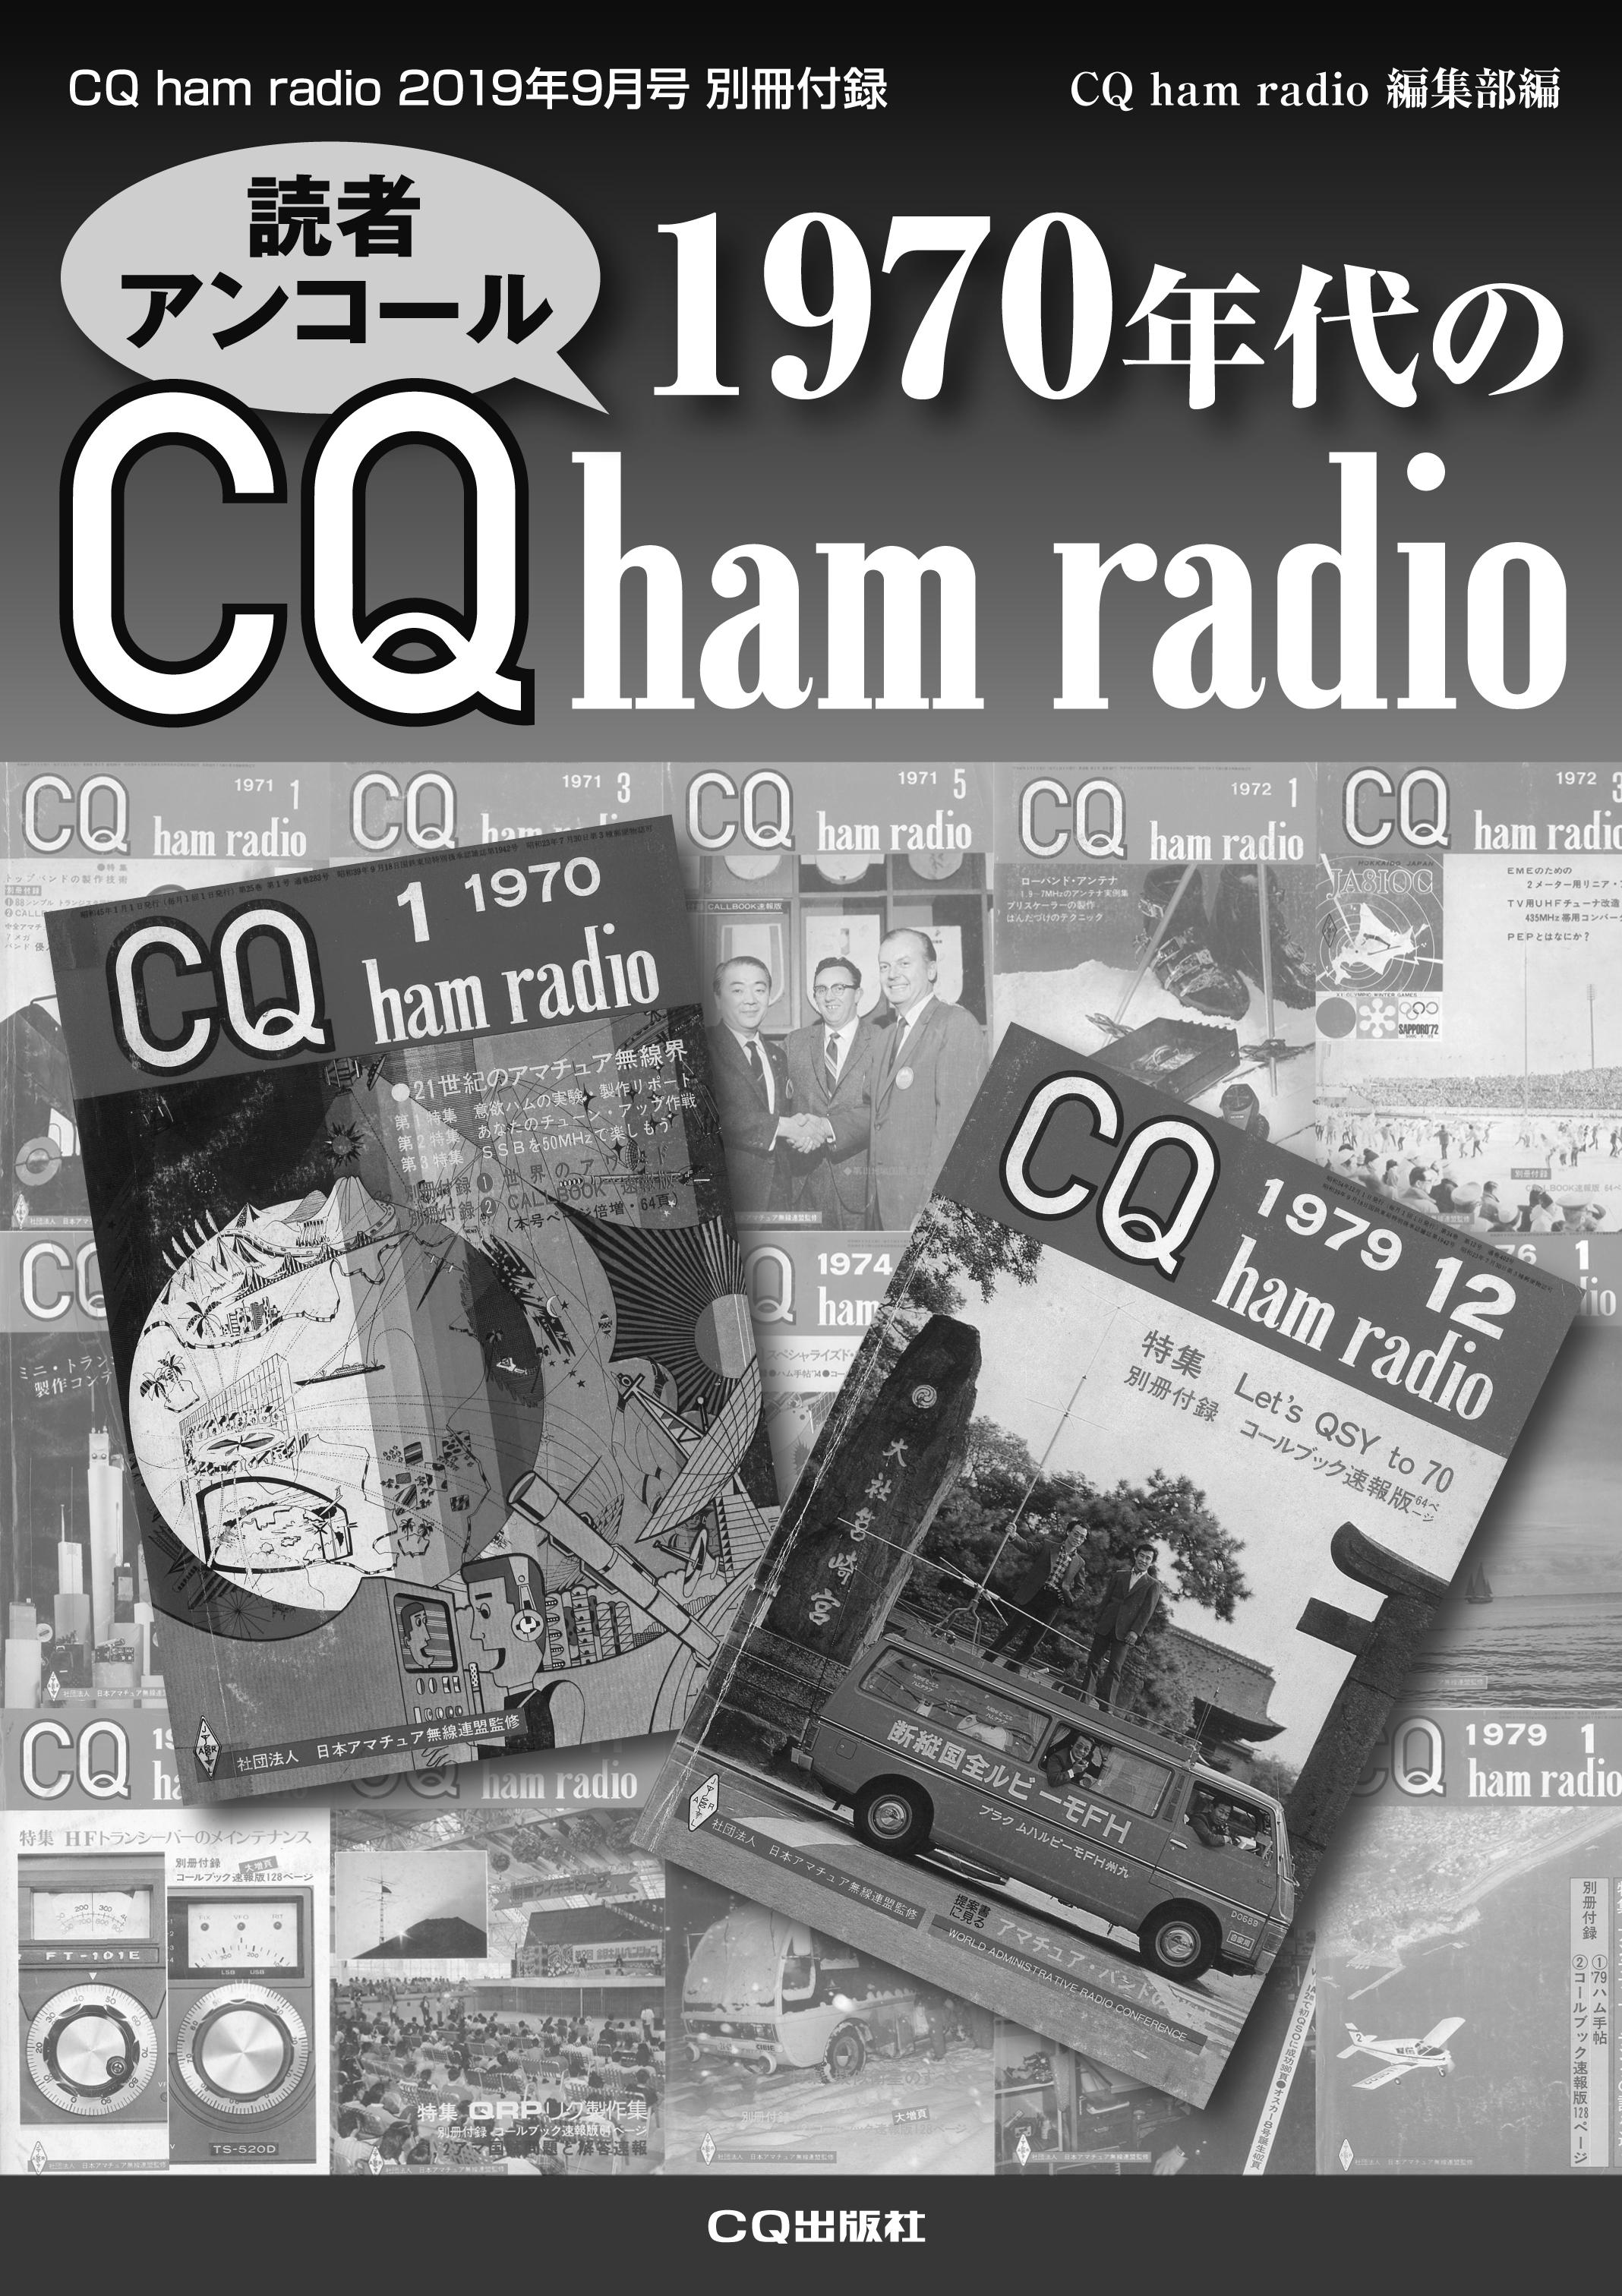 9月号別冊付録「1970年代のCQ ham radio」への投稿&リクエスト募集!!